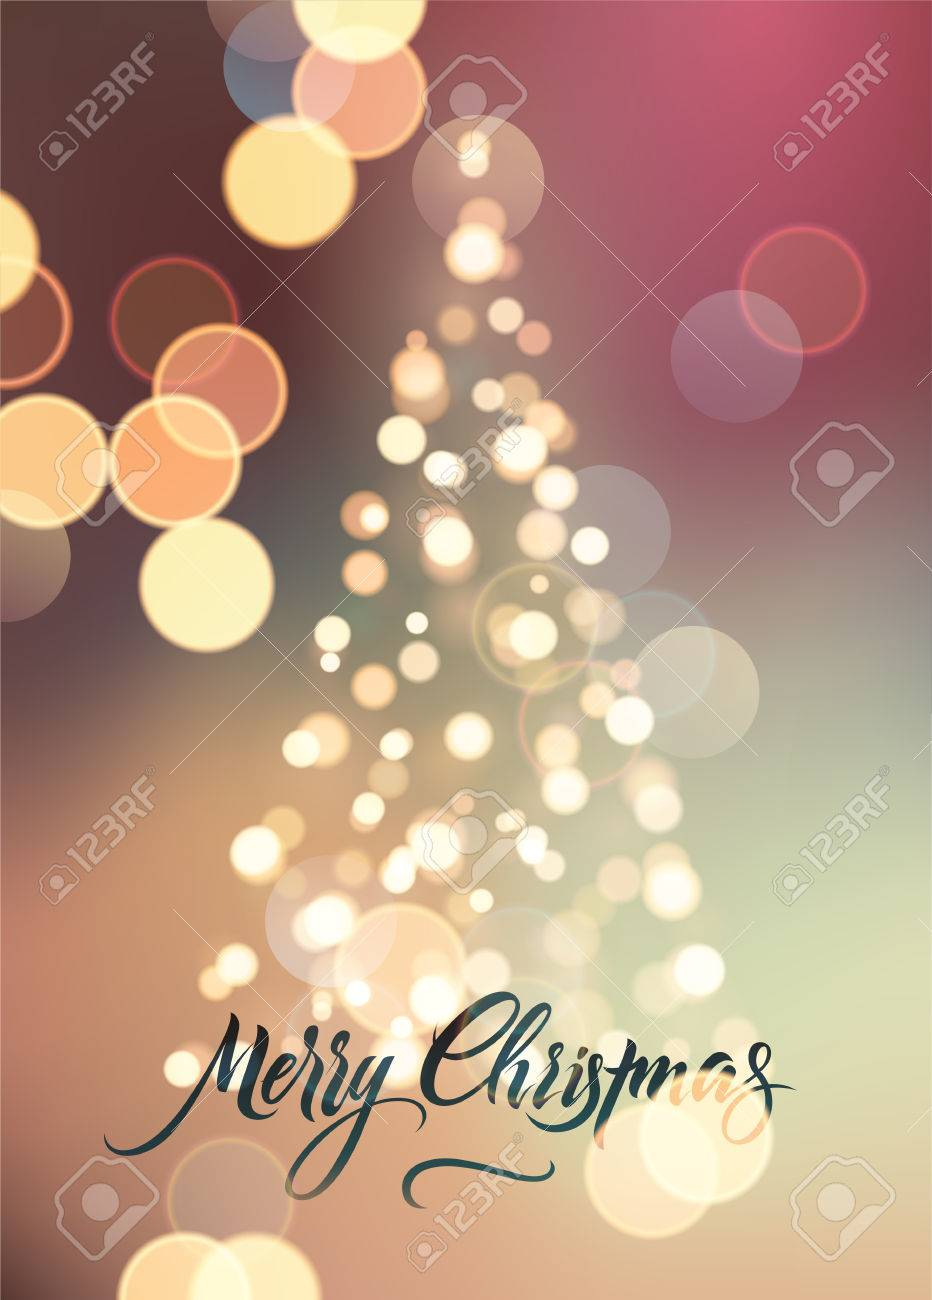 Auguri Di Buon Natale Eleganti.Vettoriale Buon Natale Design Retro Calligrafico Biglietto Di